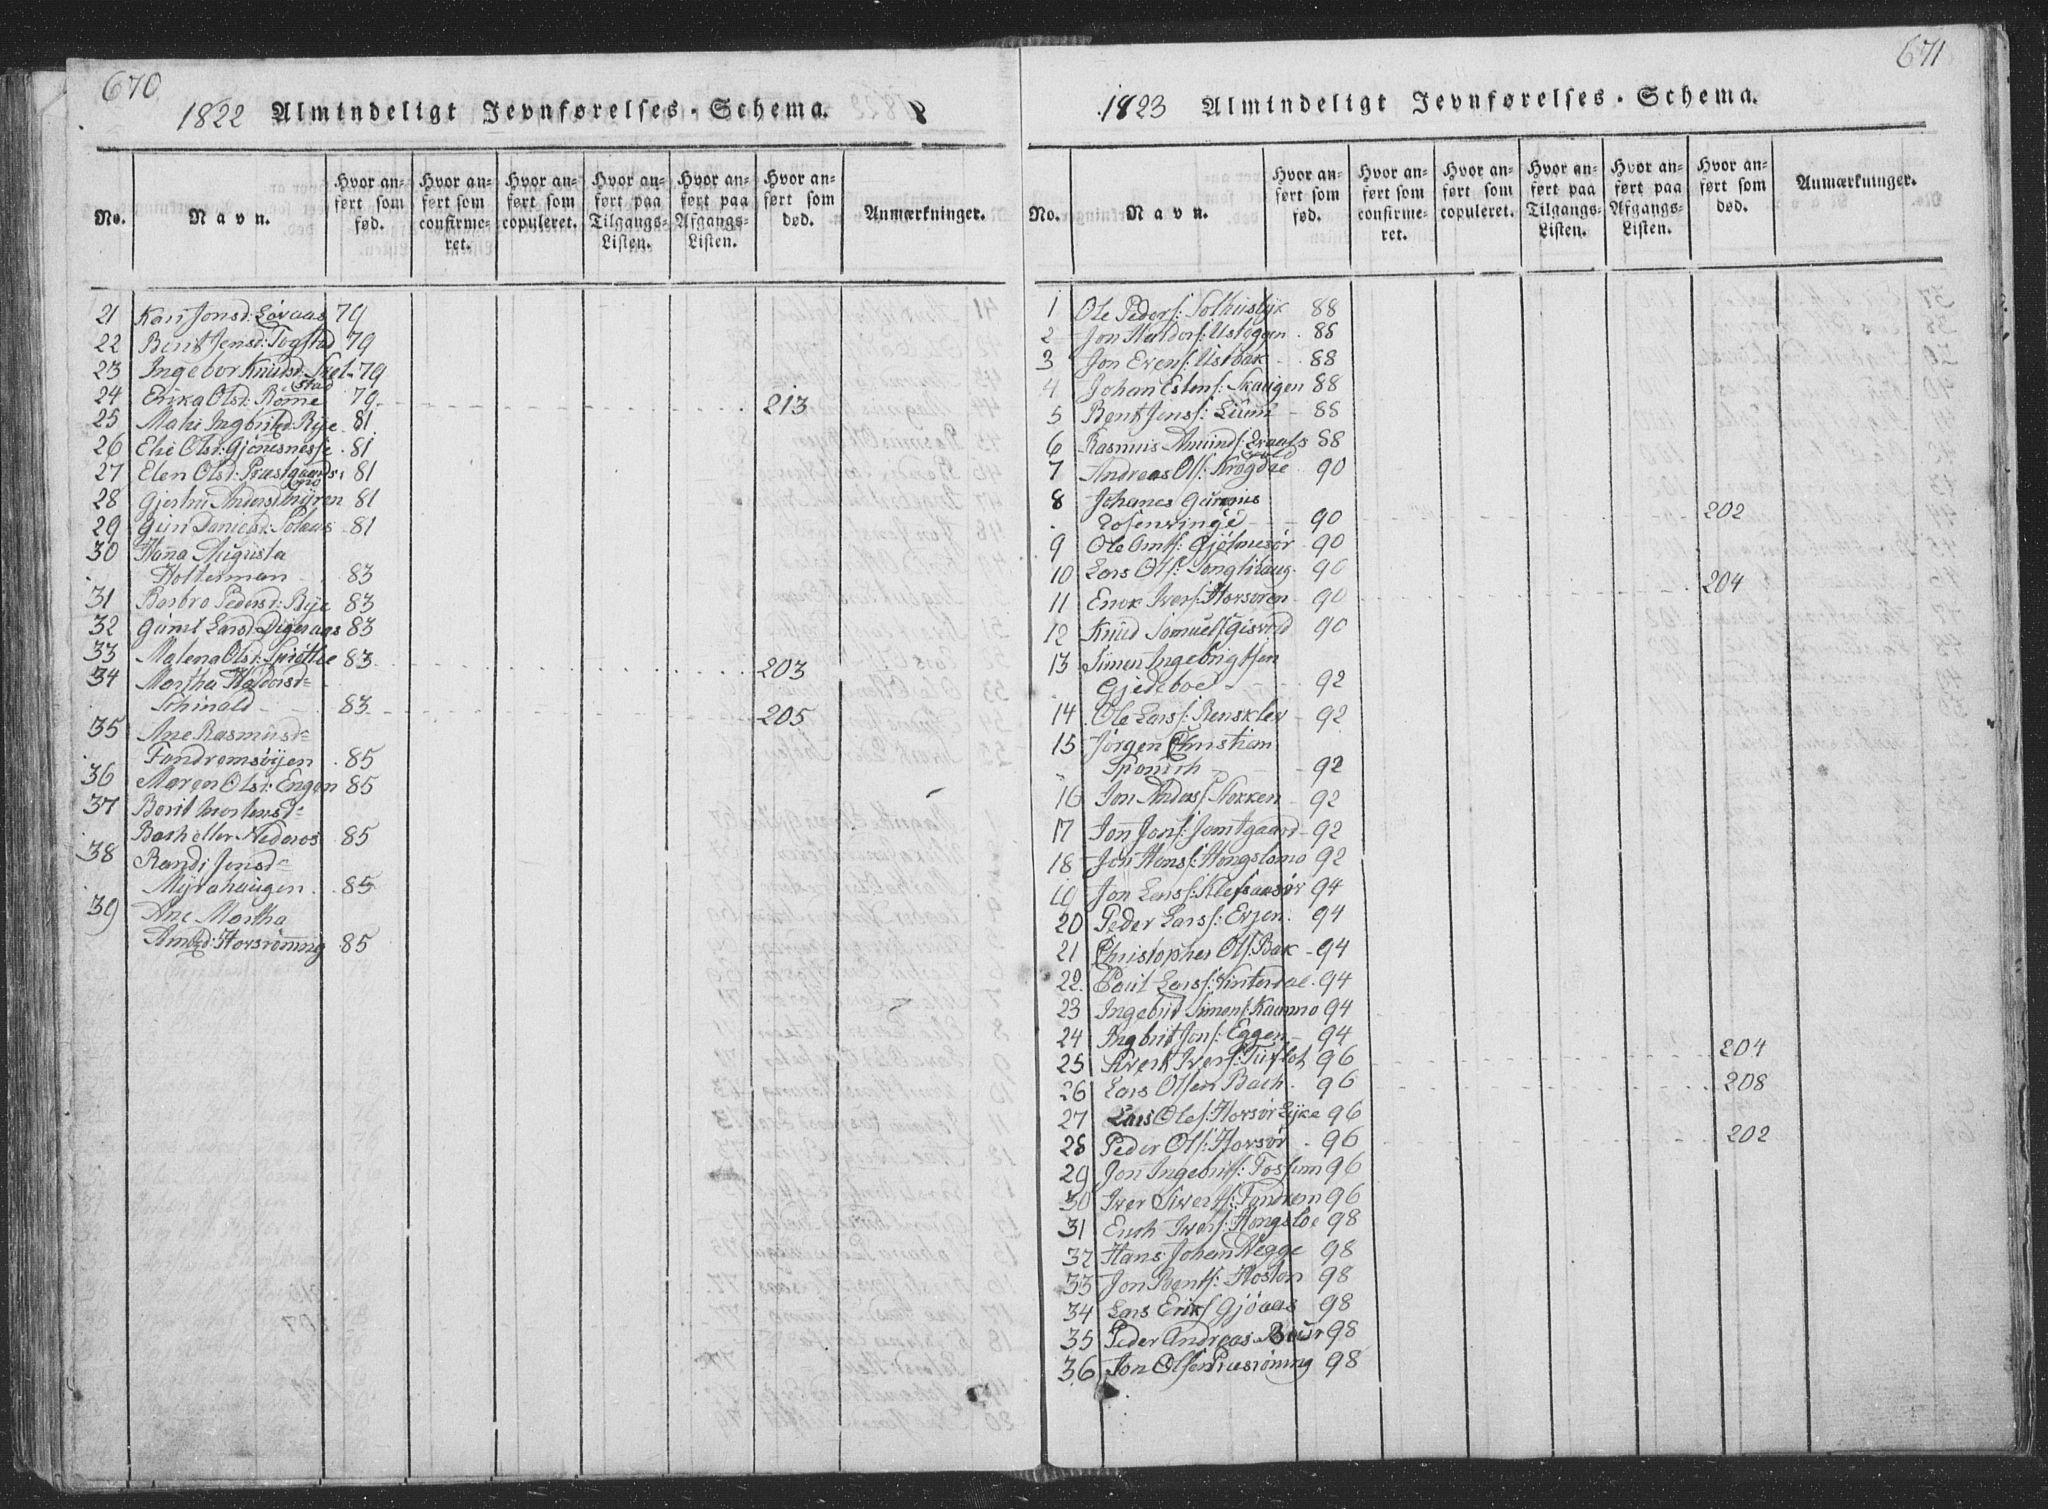 SAT, Ministerialprotokoller, klokkerbøker og fødselsregistre - Sør-Trøndelag, 668/L0816: Klokkerbok nr. 668C05, 1816-1893, s. 670-671